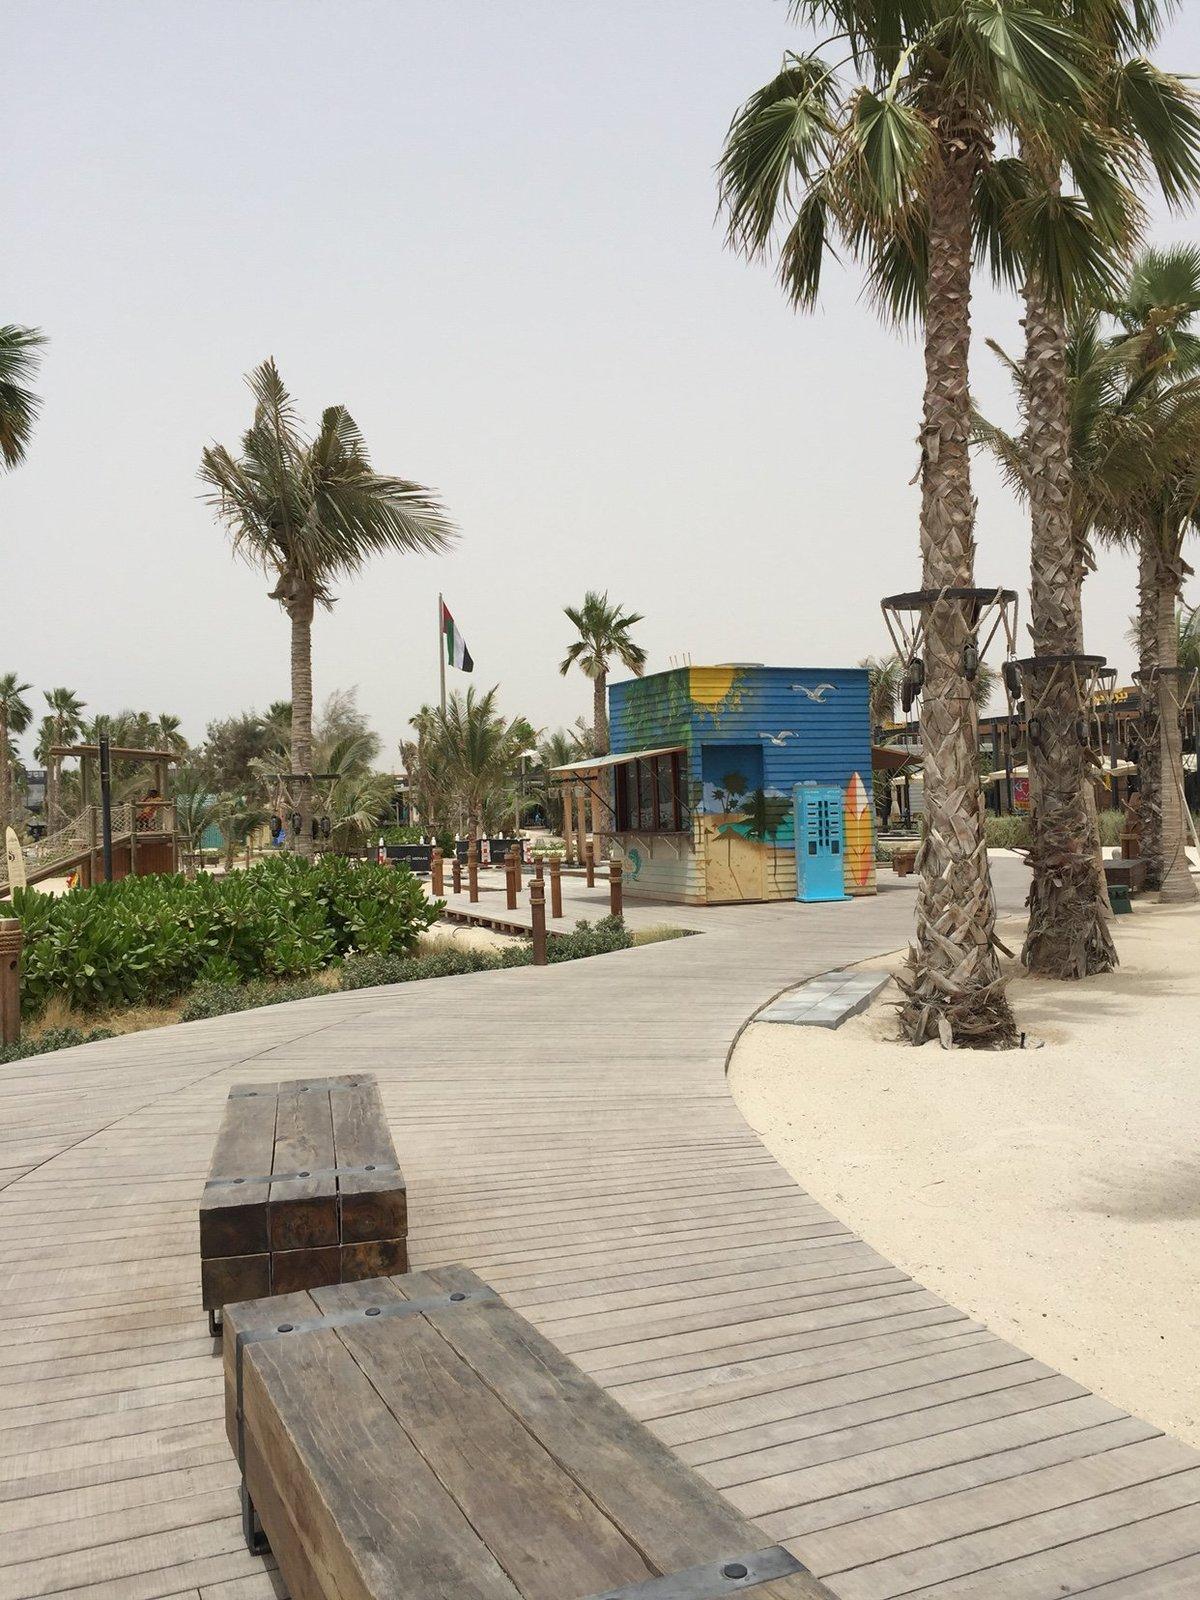 661622 المسافرون العرب دبي مدينة الجميرا